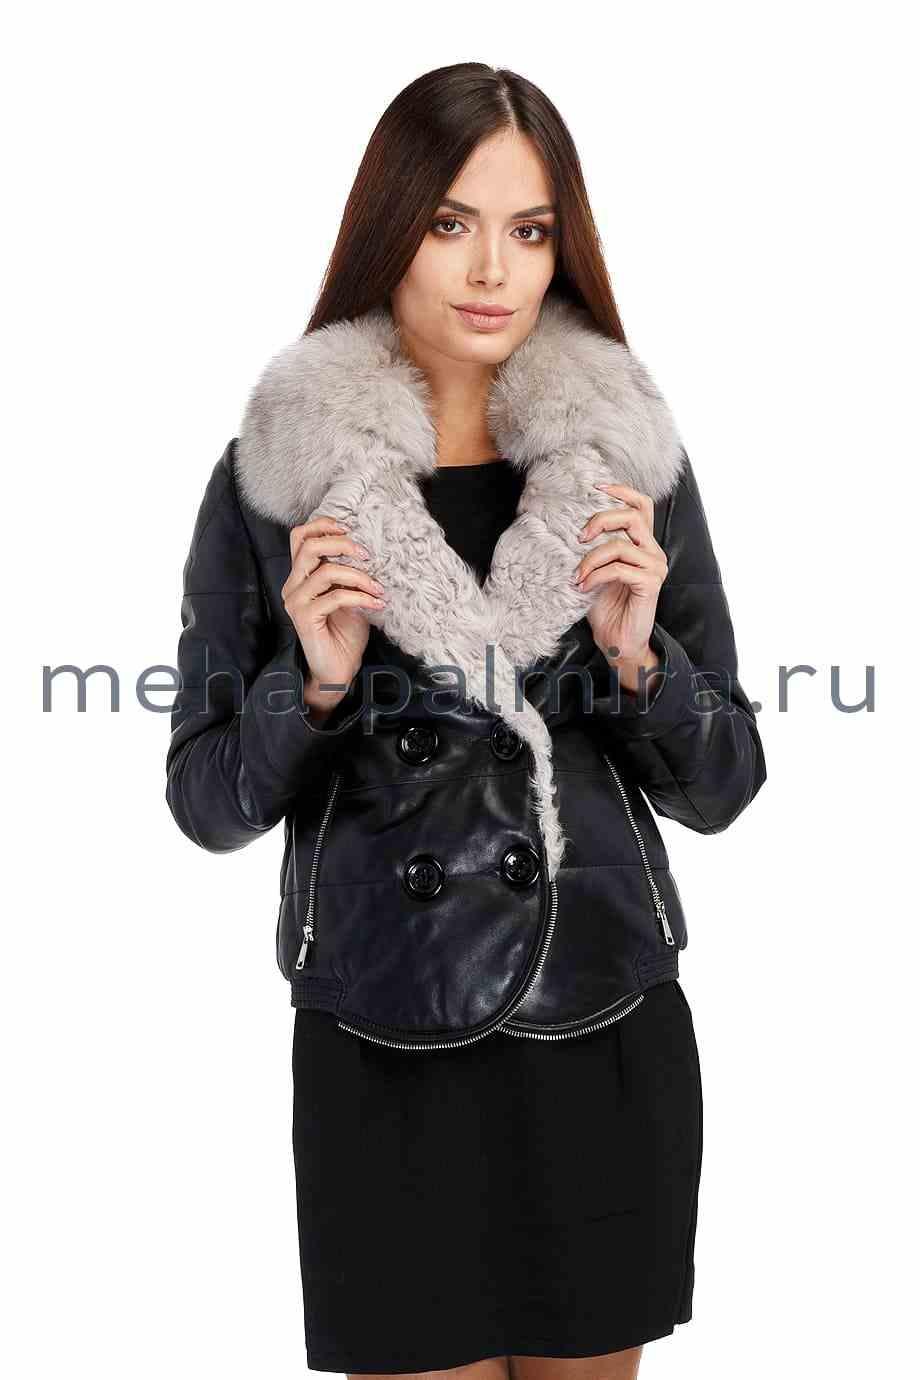 Черная куртка бомбер женская